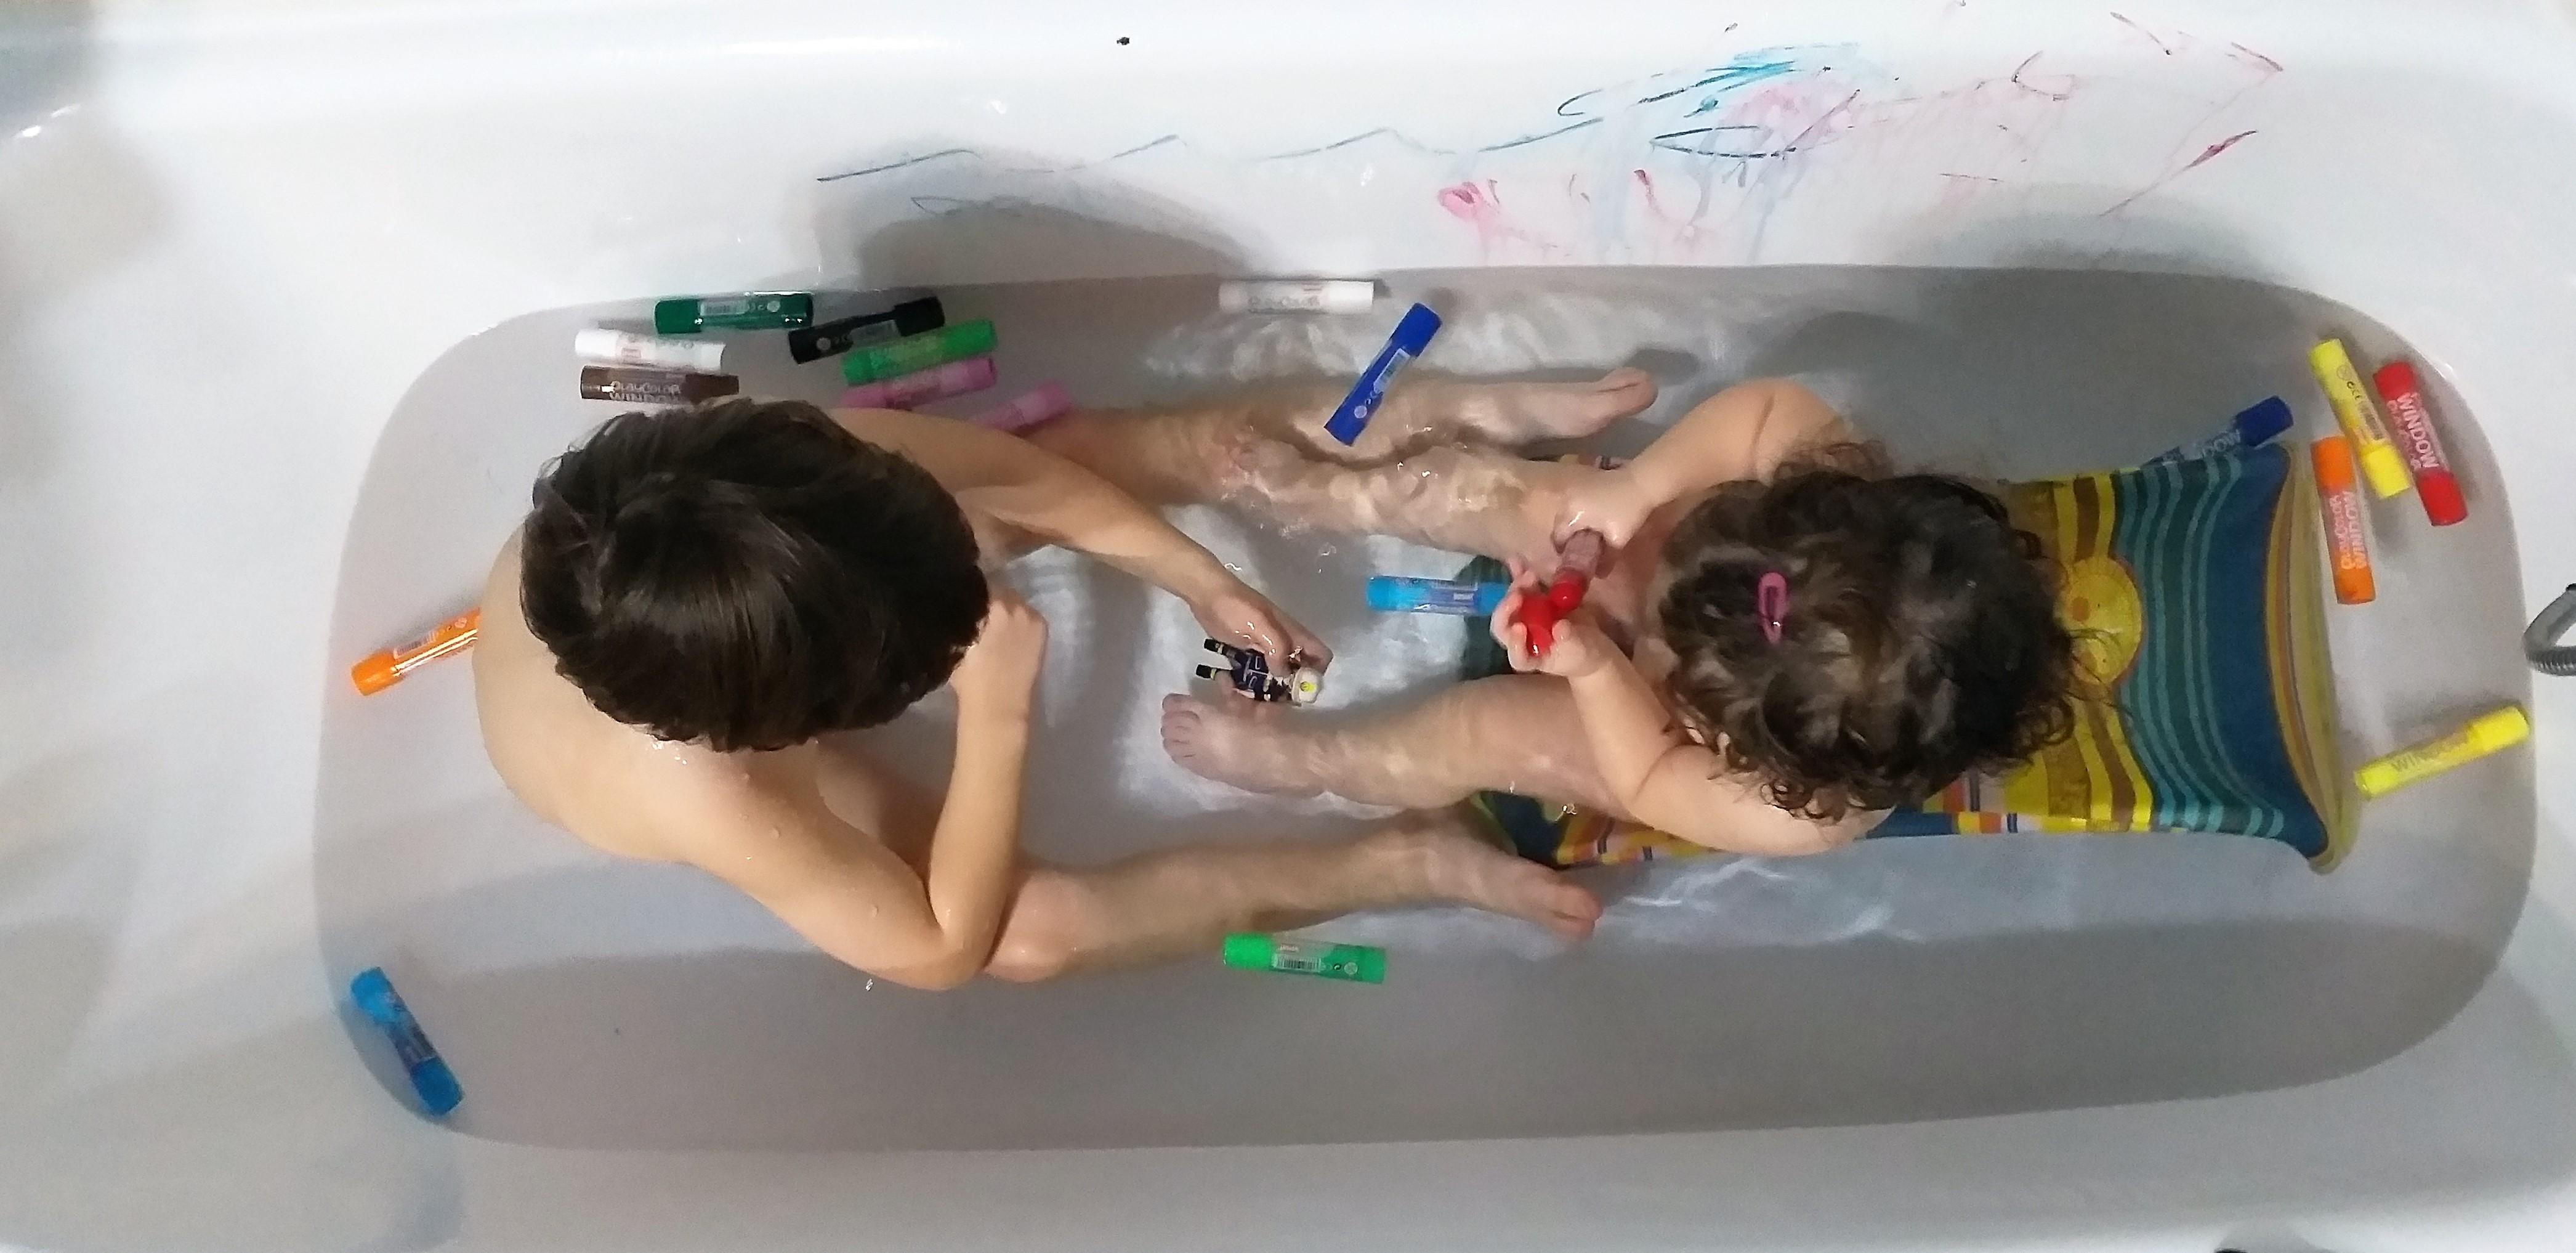 jugar-en-la-bañera